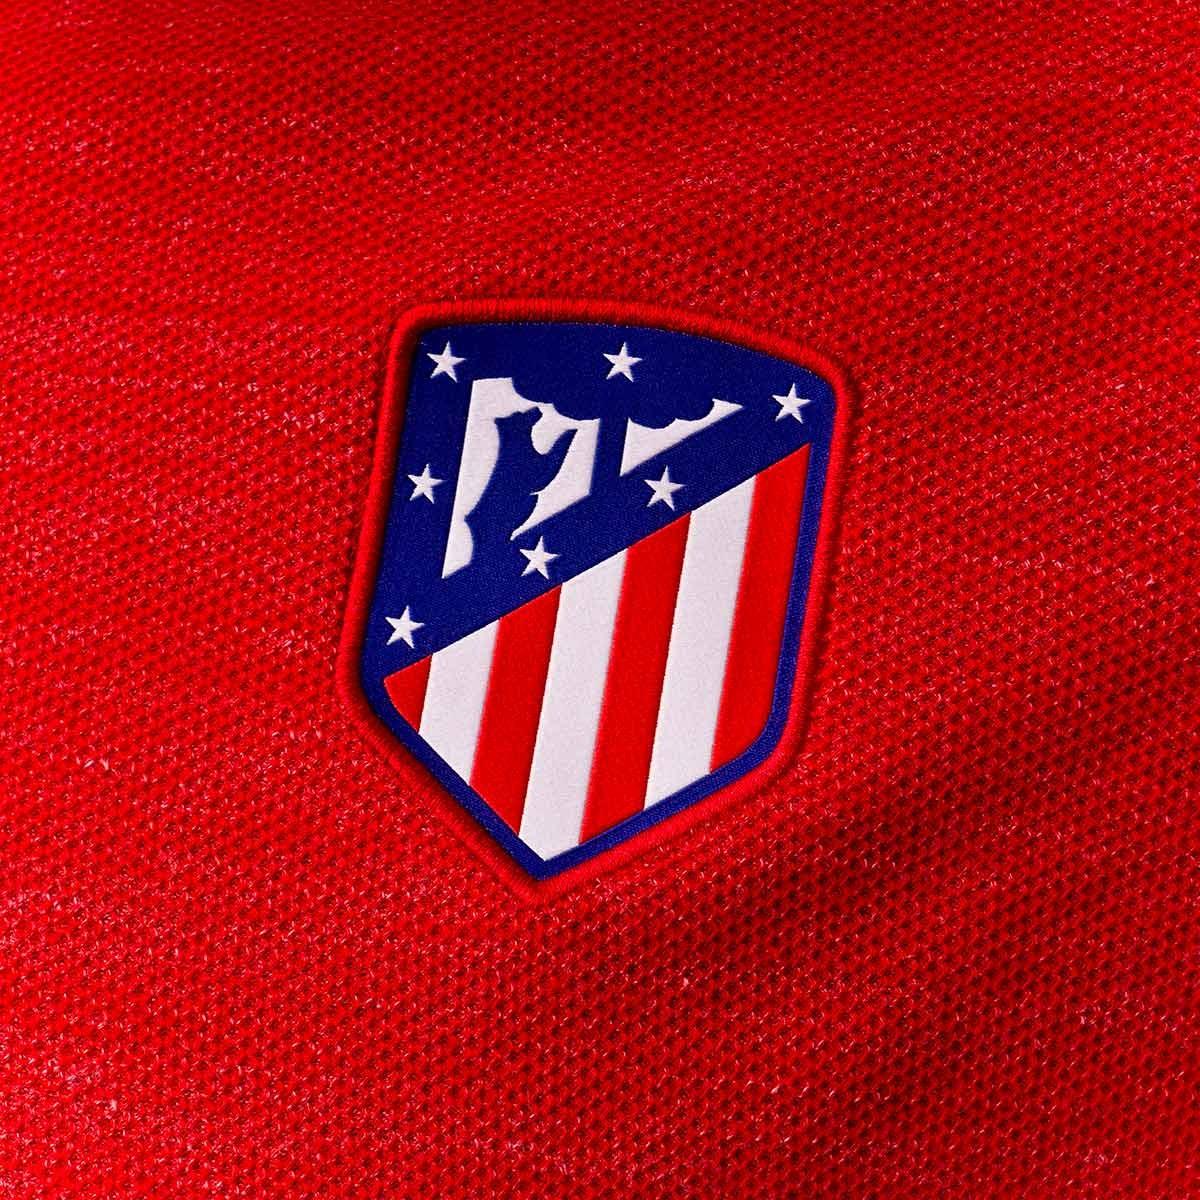 ac2d54dfbcb Polo Nike Atlético de Madrid Grand Slam 2018-2019 Sport red-Deep royal blue  - Tienda de fútbol Fútbol Emotion